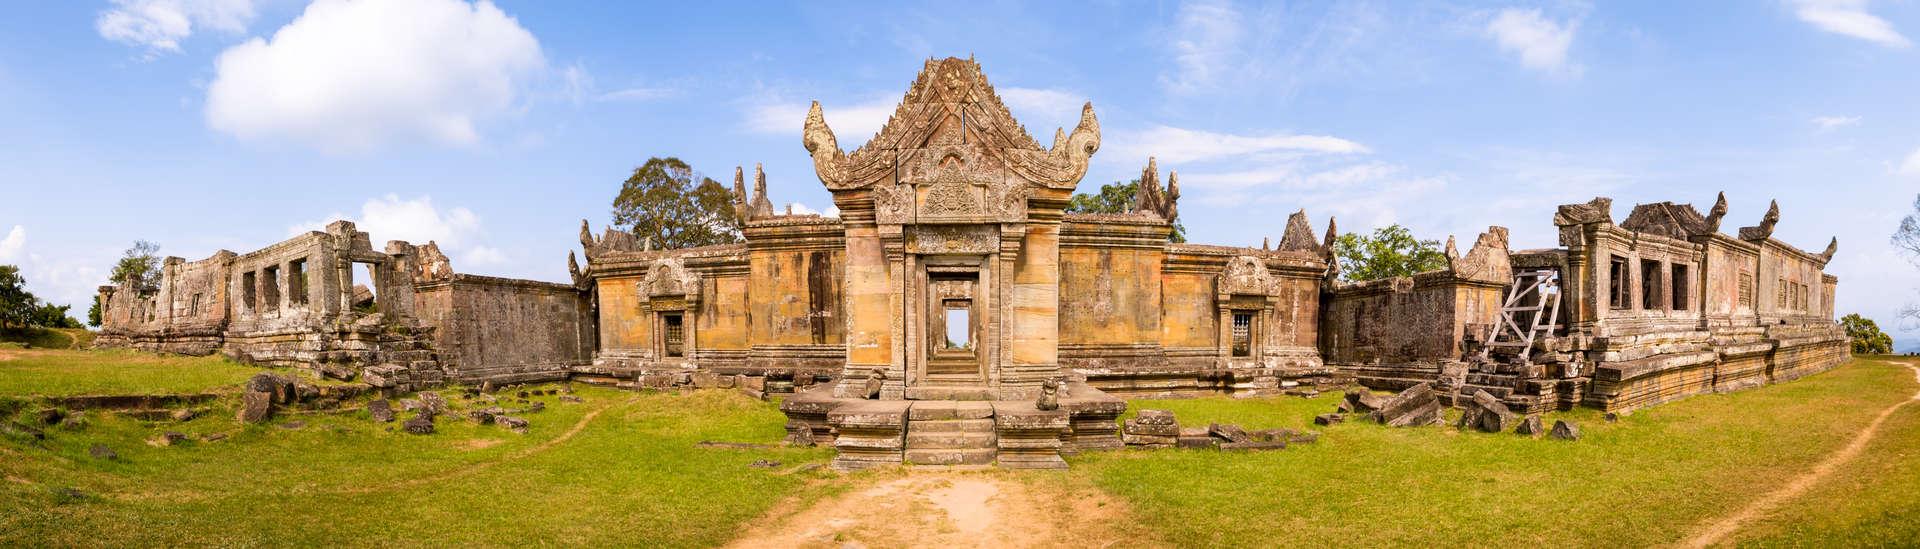 Kambodża.2017.II-990.jpg